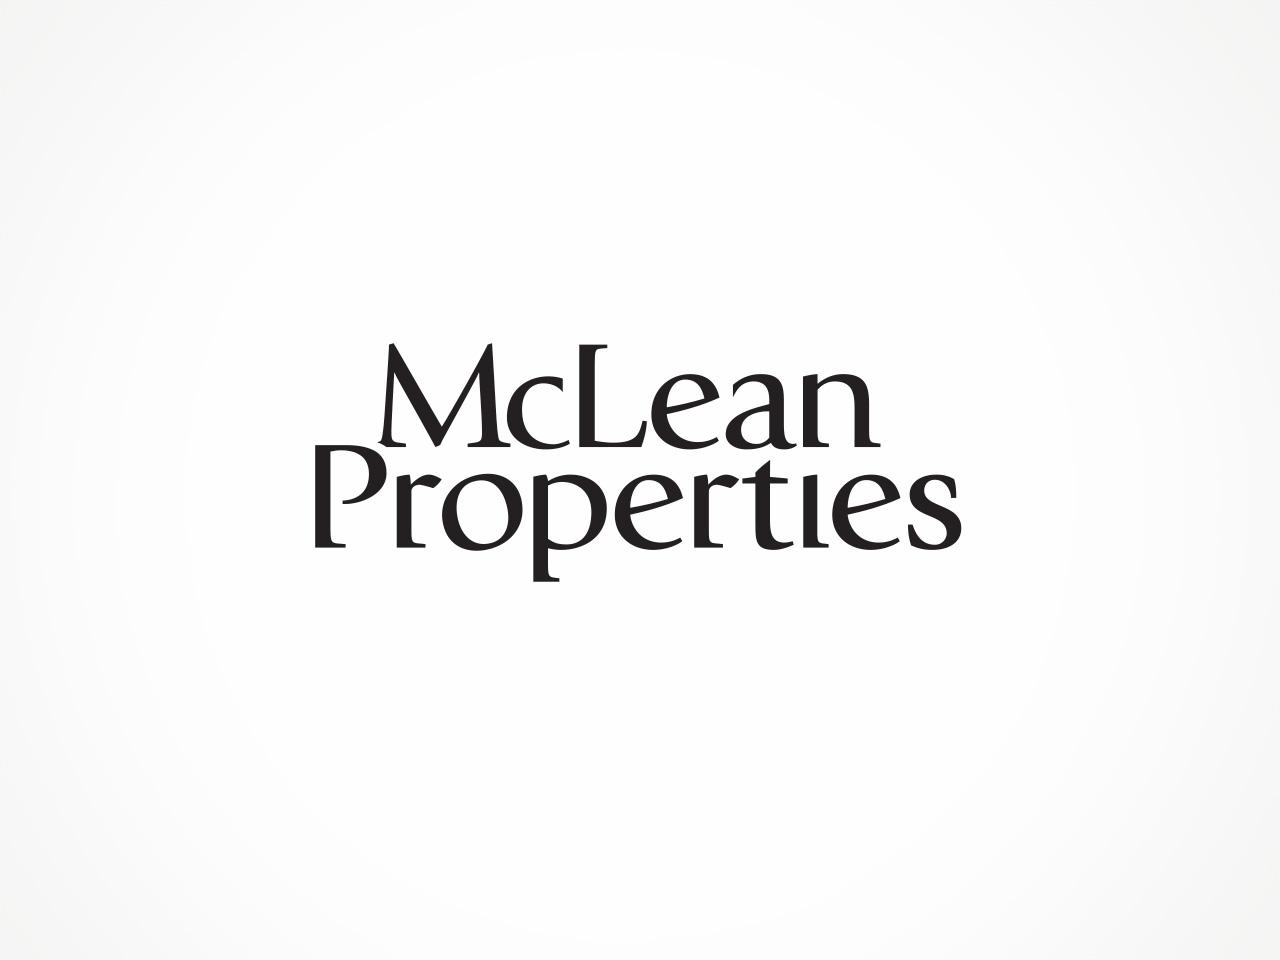 McLean Properties